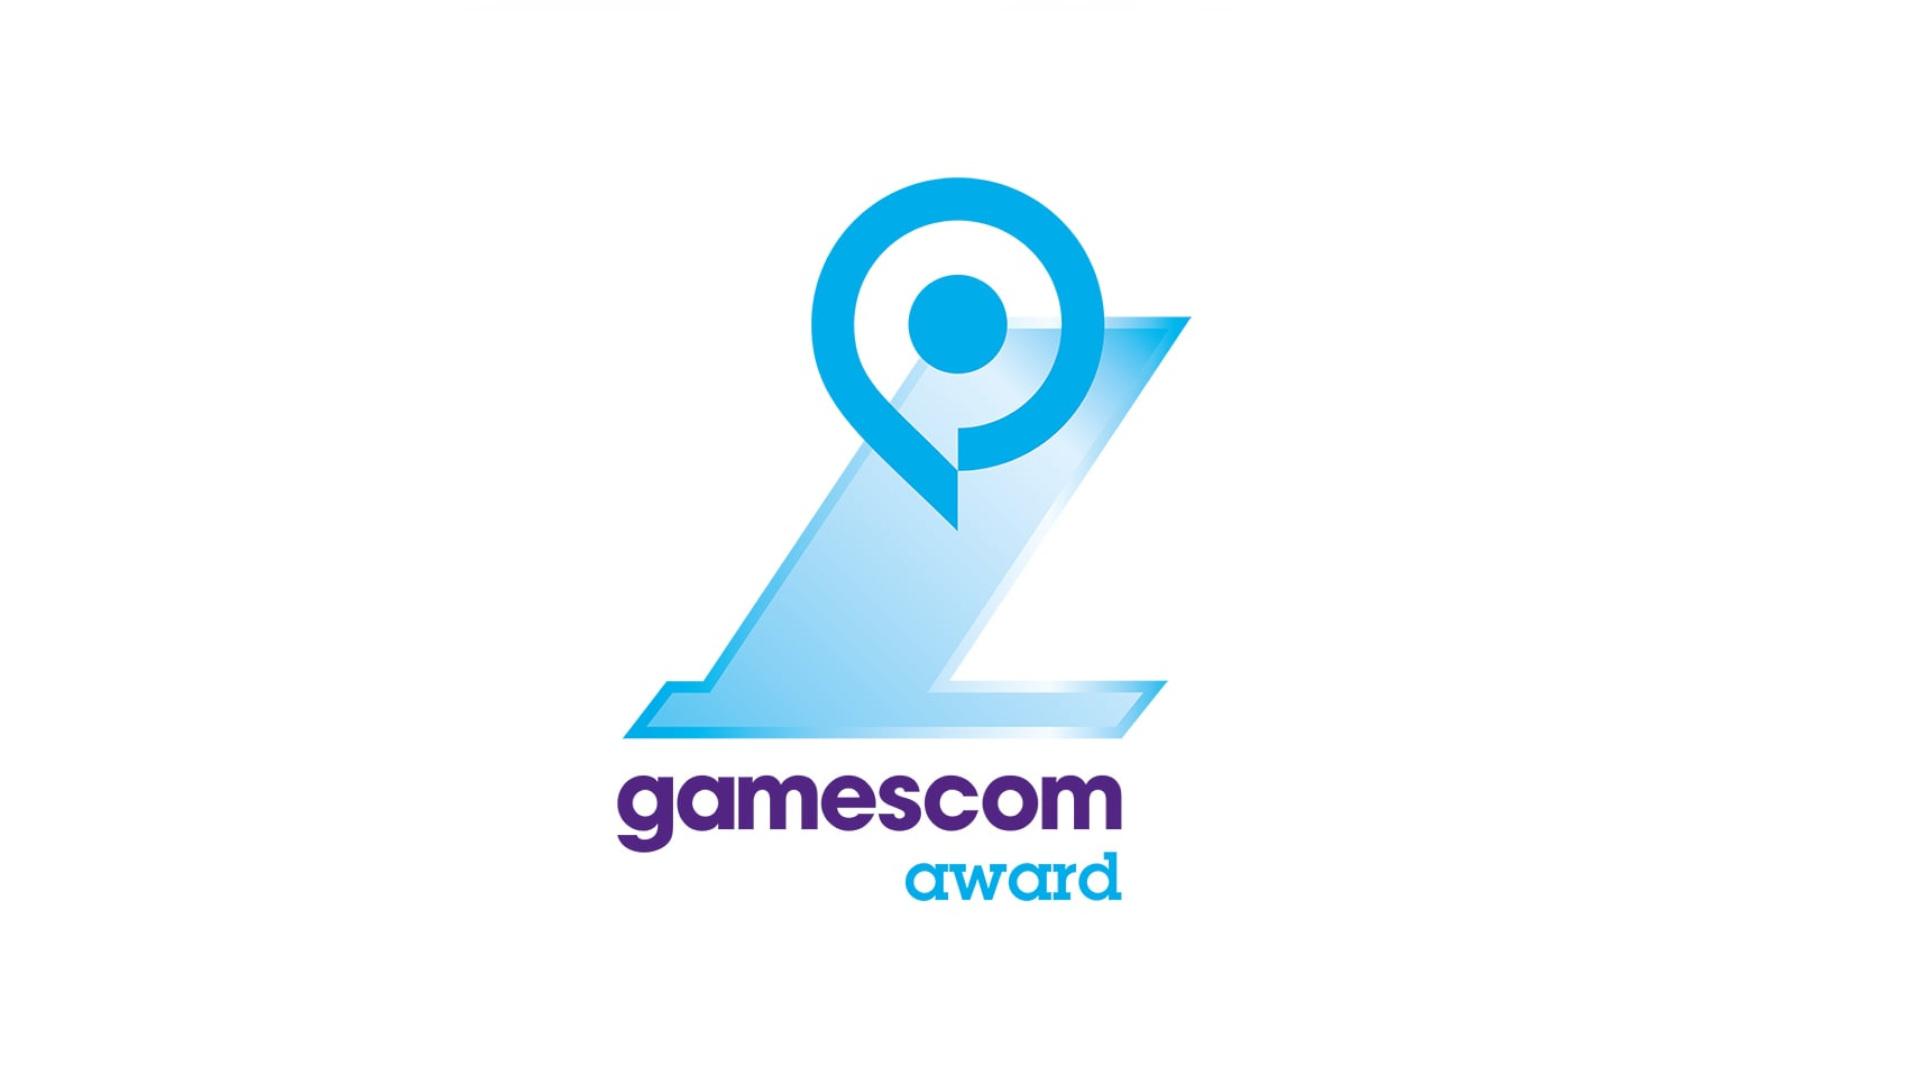 gamescom award 2021